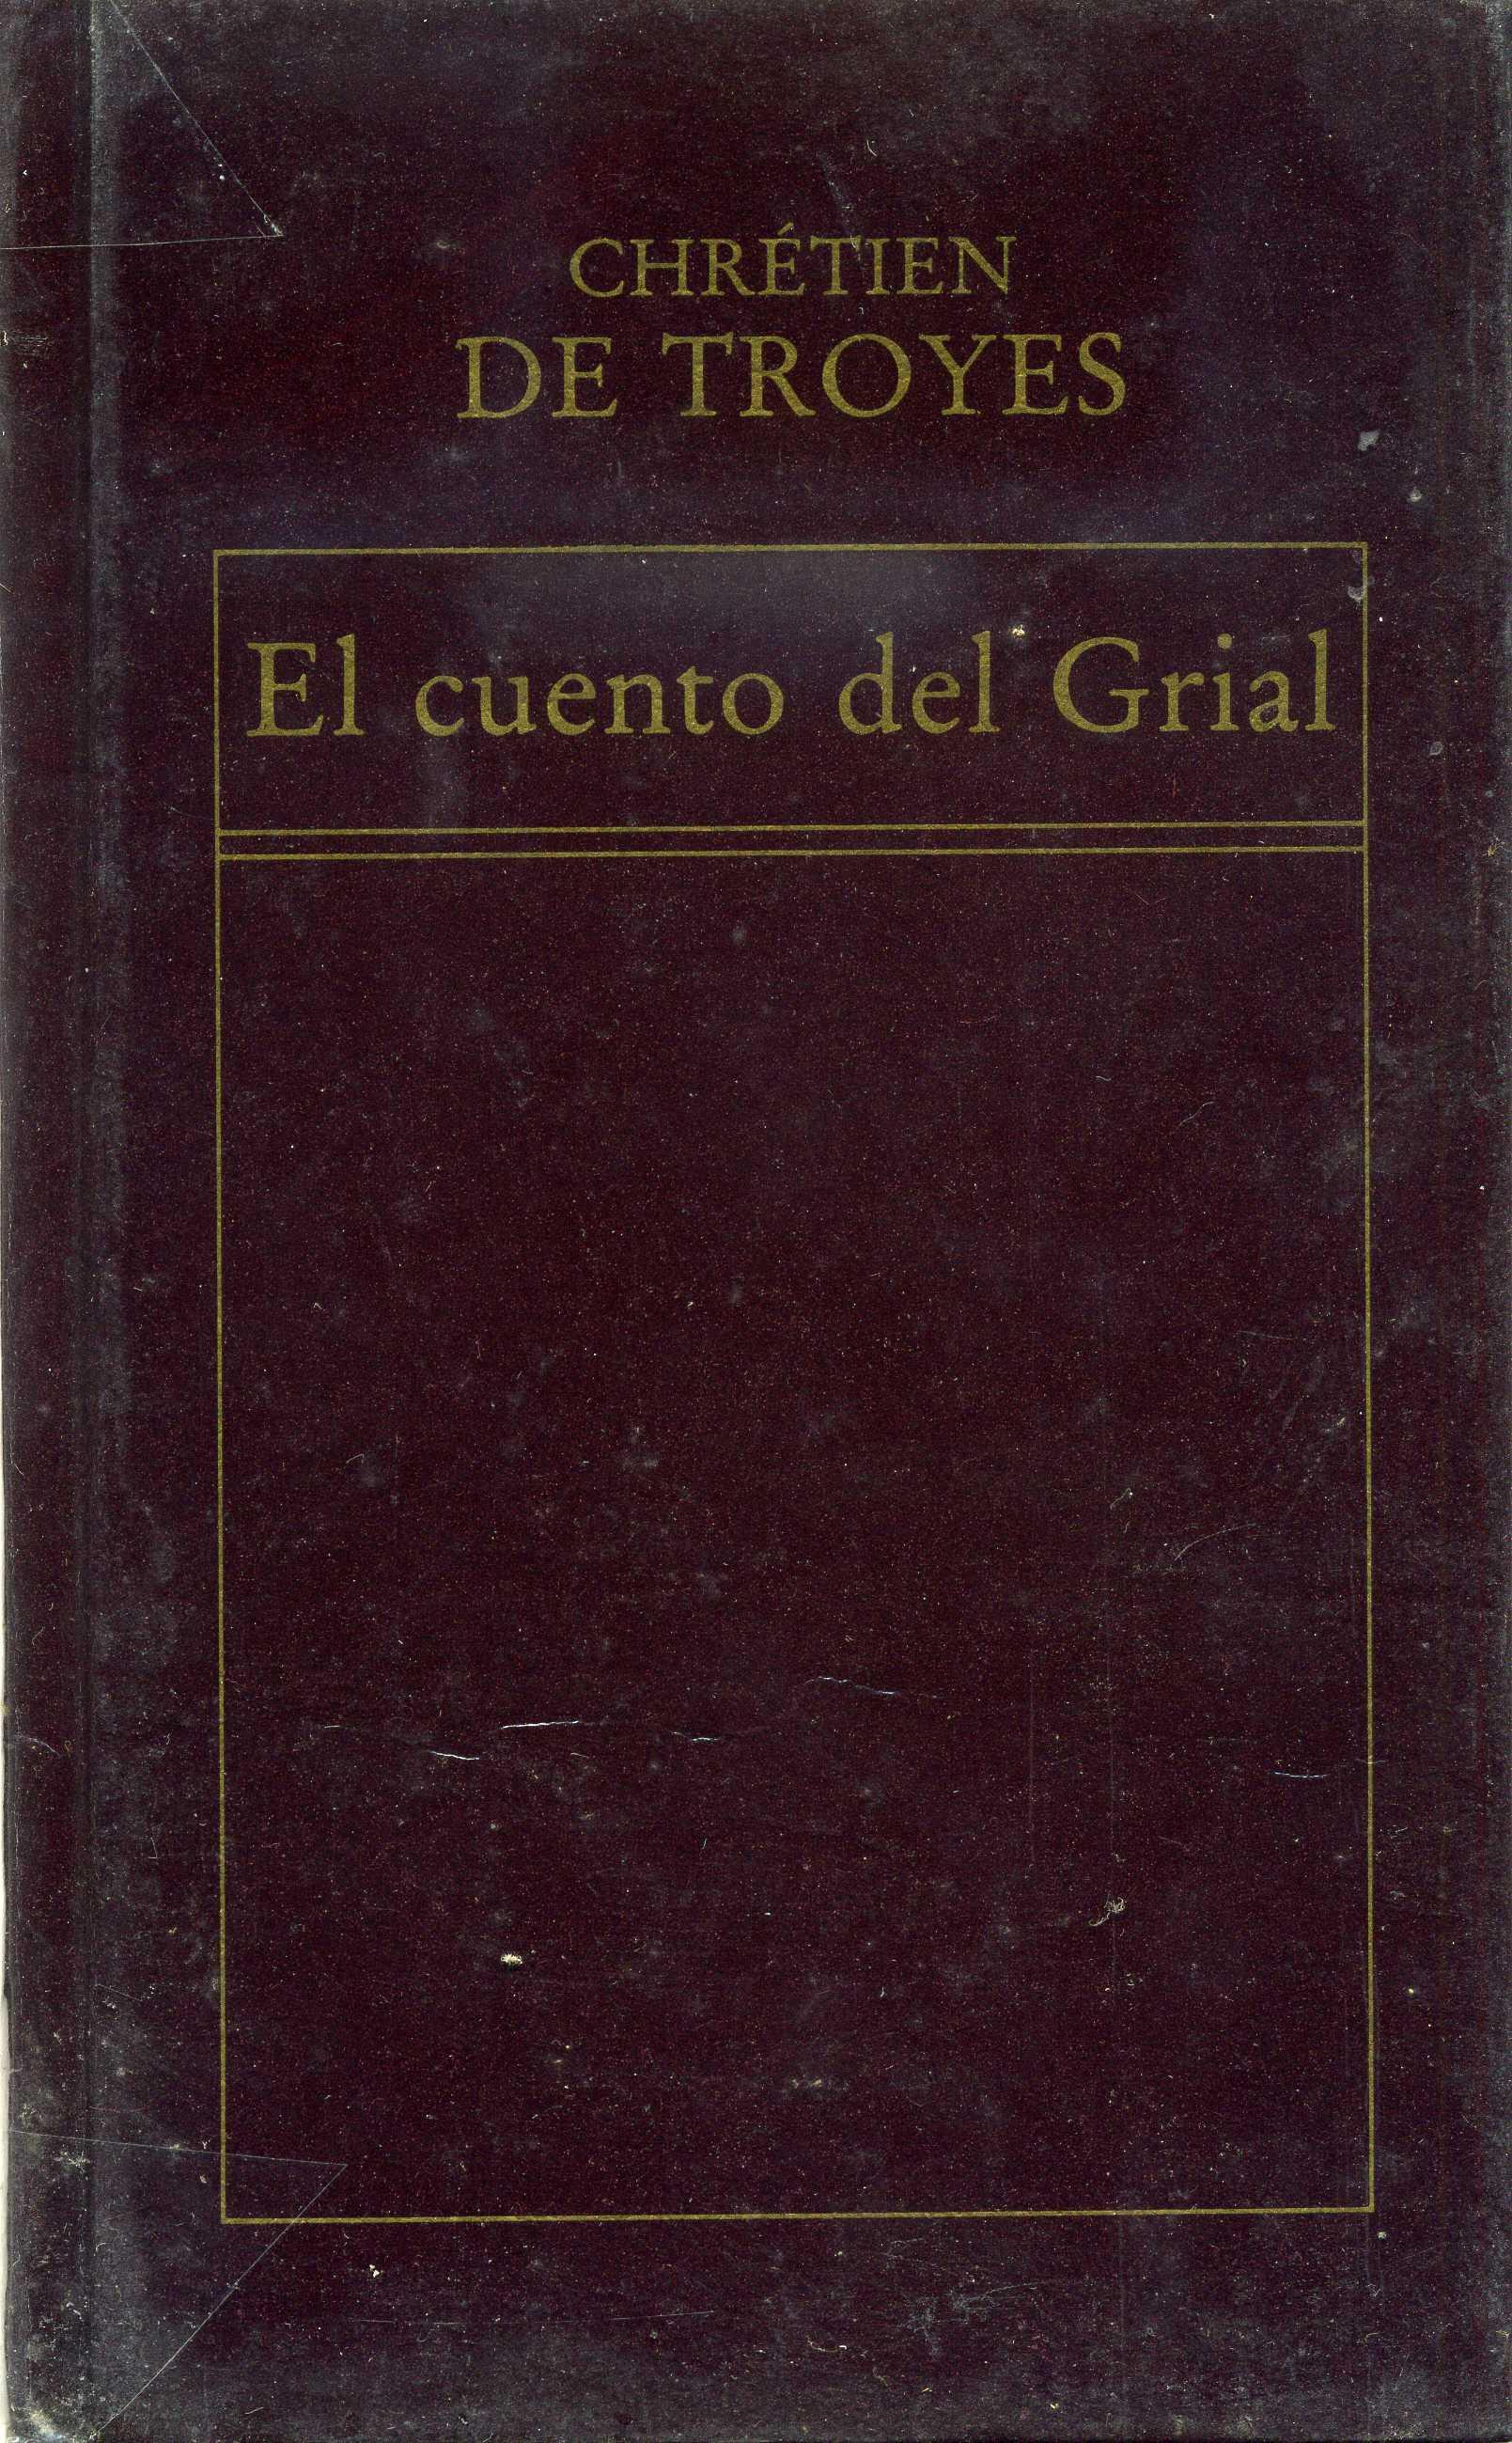 Historia de Perceval o El cuento del Grial